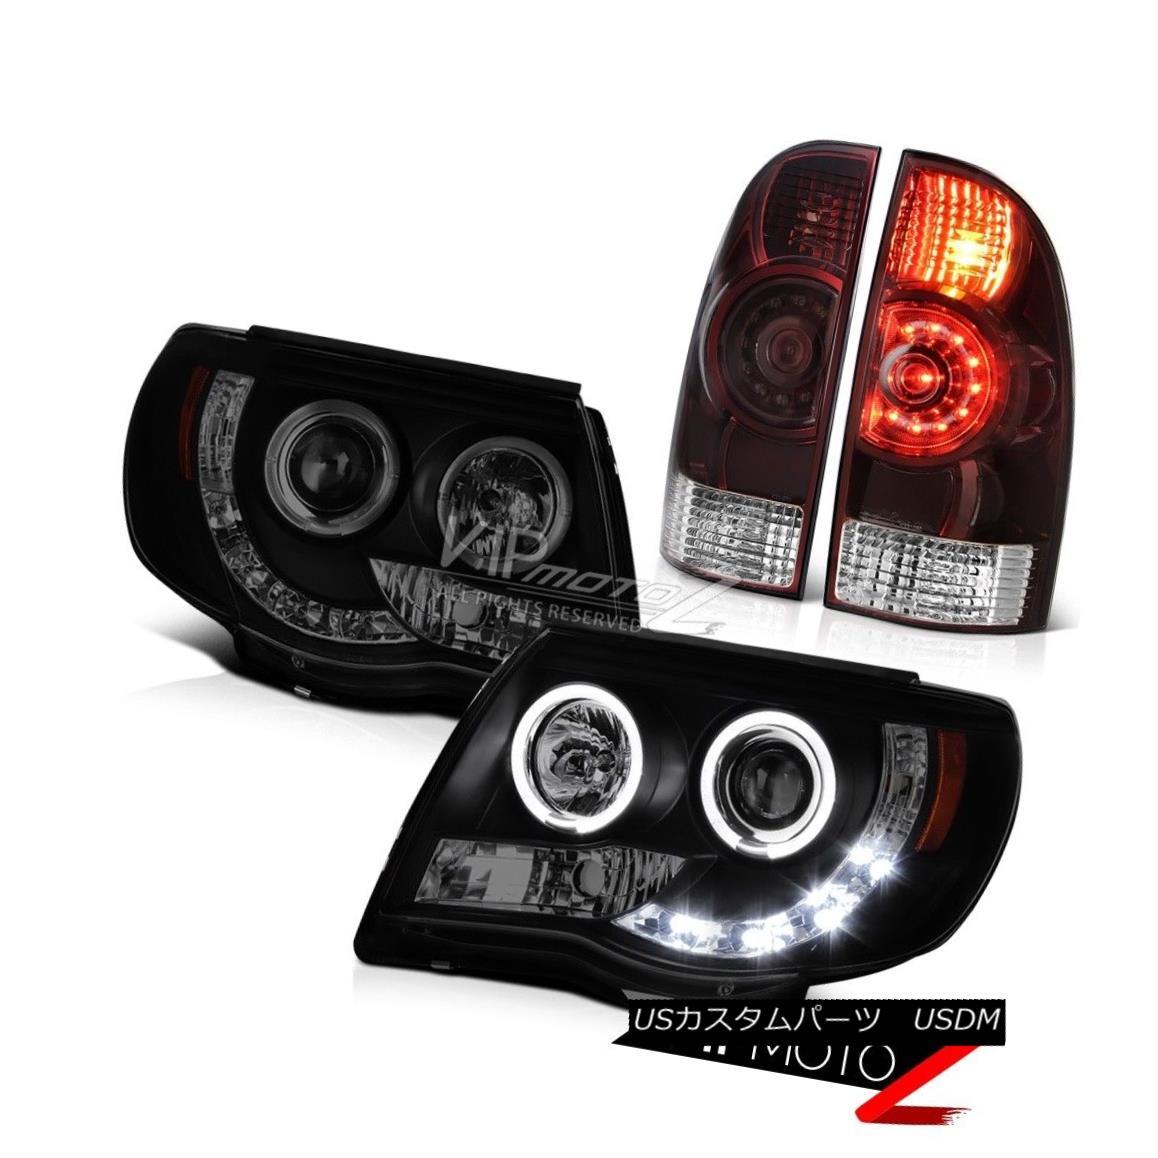 ヘッドライト 05 06 07 08 09 10 11 Tacoma 4.0L Rear brake lamps headlights LED SMD Angel Eyes 05 06 07 08 09 10 11タコマ4.0LリアブレーキランプヘッドライトLED SMDエンジェルアイズ